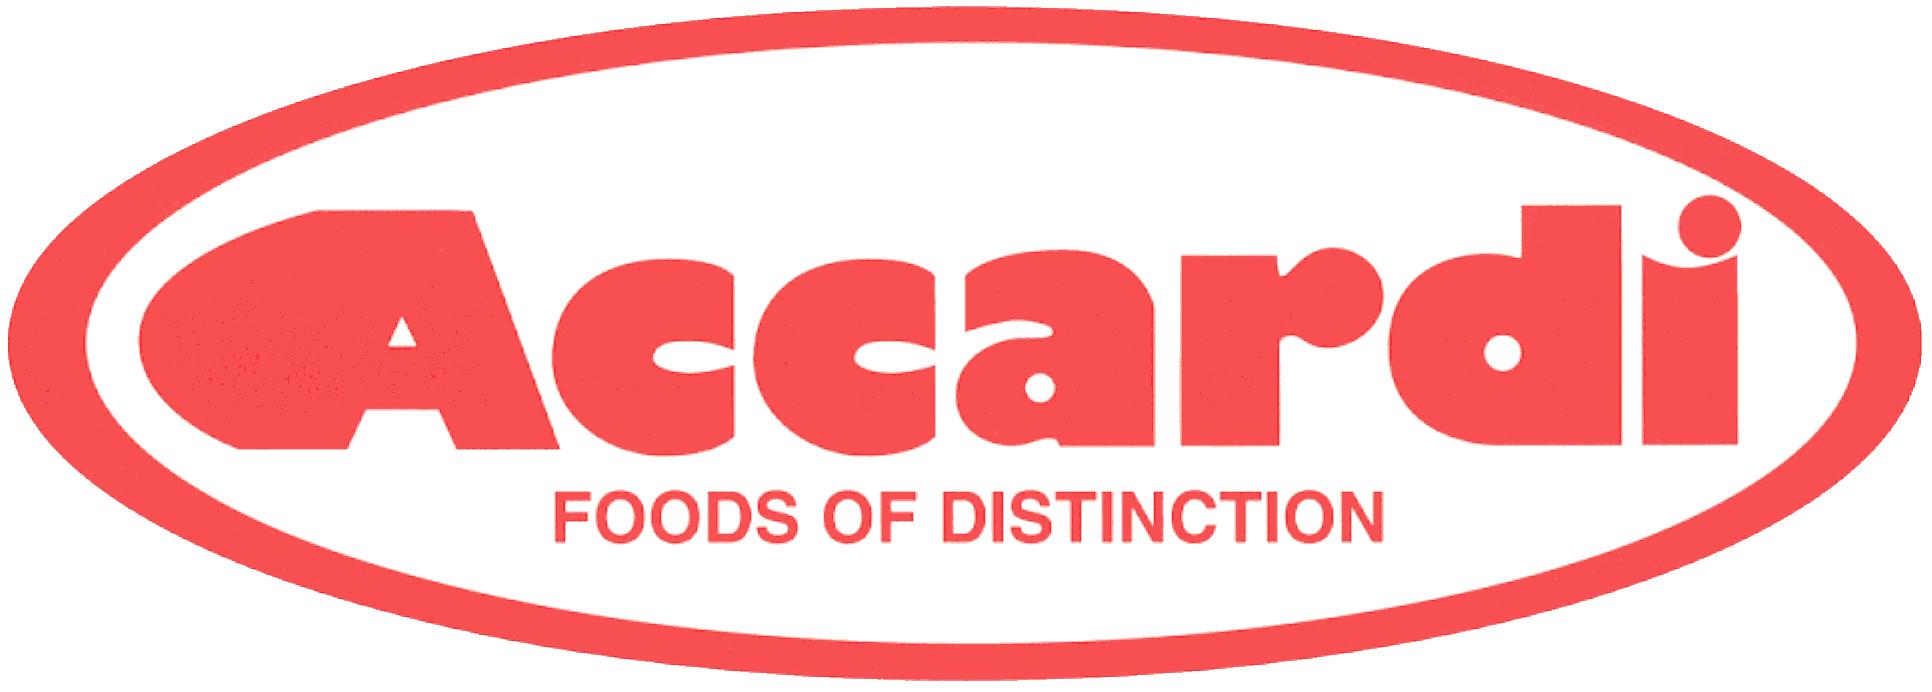 Food | United States | Accardi Foods